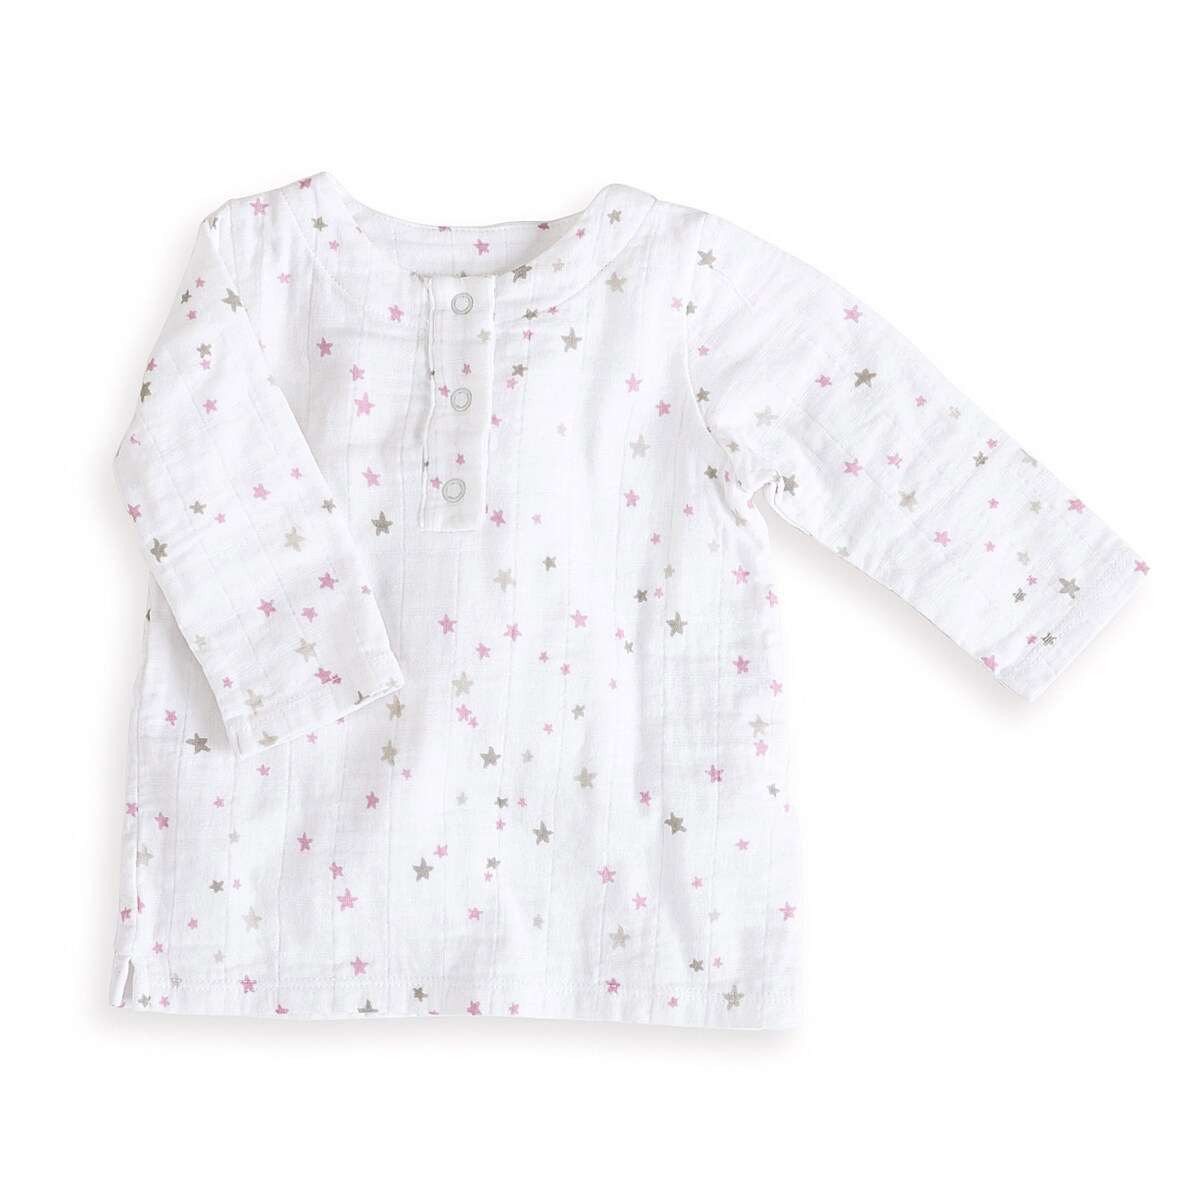 aden + anais Girls 6-9 Months Lovely Starburst Muslin Tunic Top